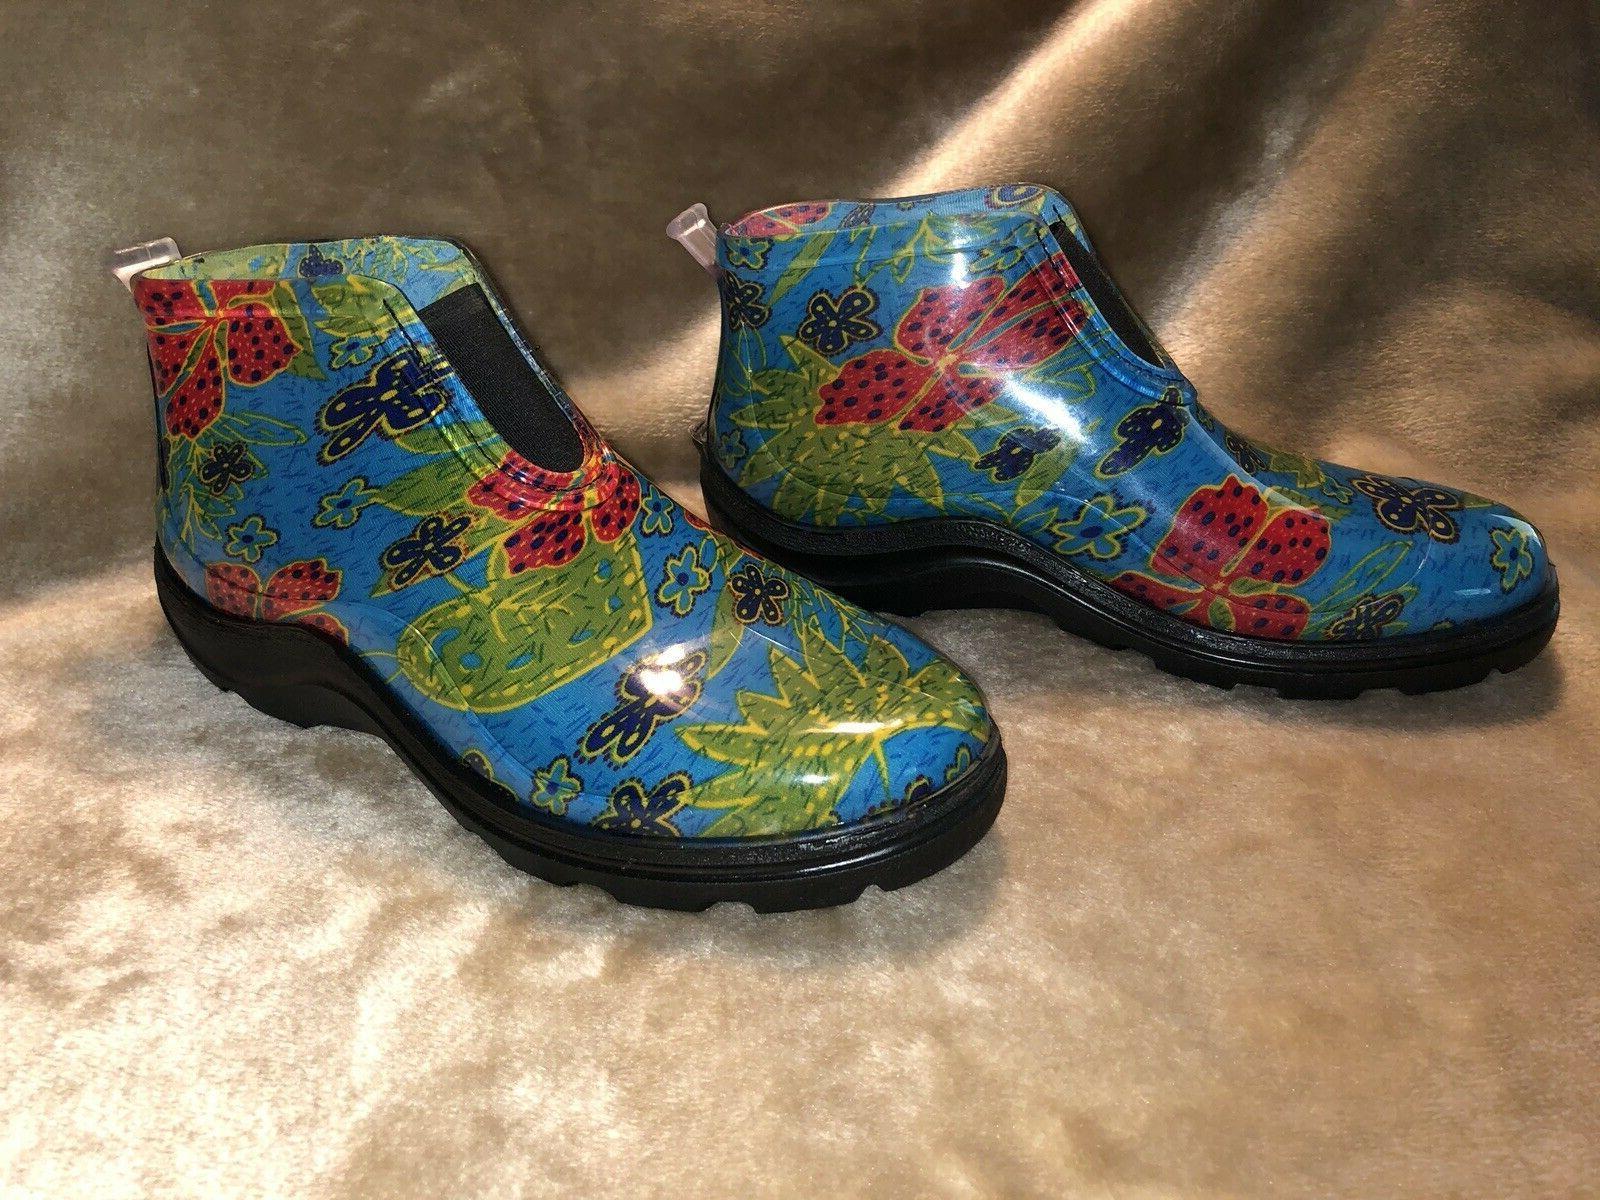 Sloggers Women's Rain & Garden Ankle Boots Size 10 Floral Ne